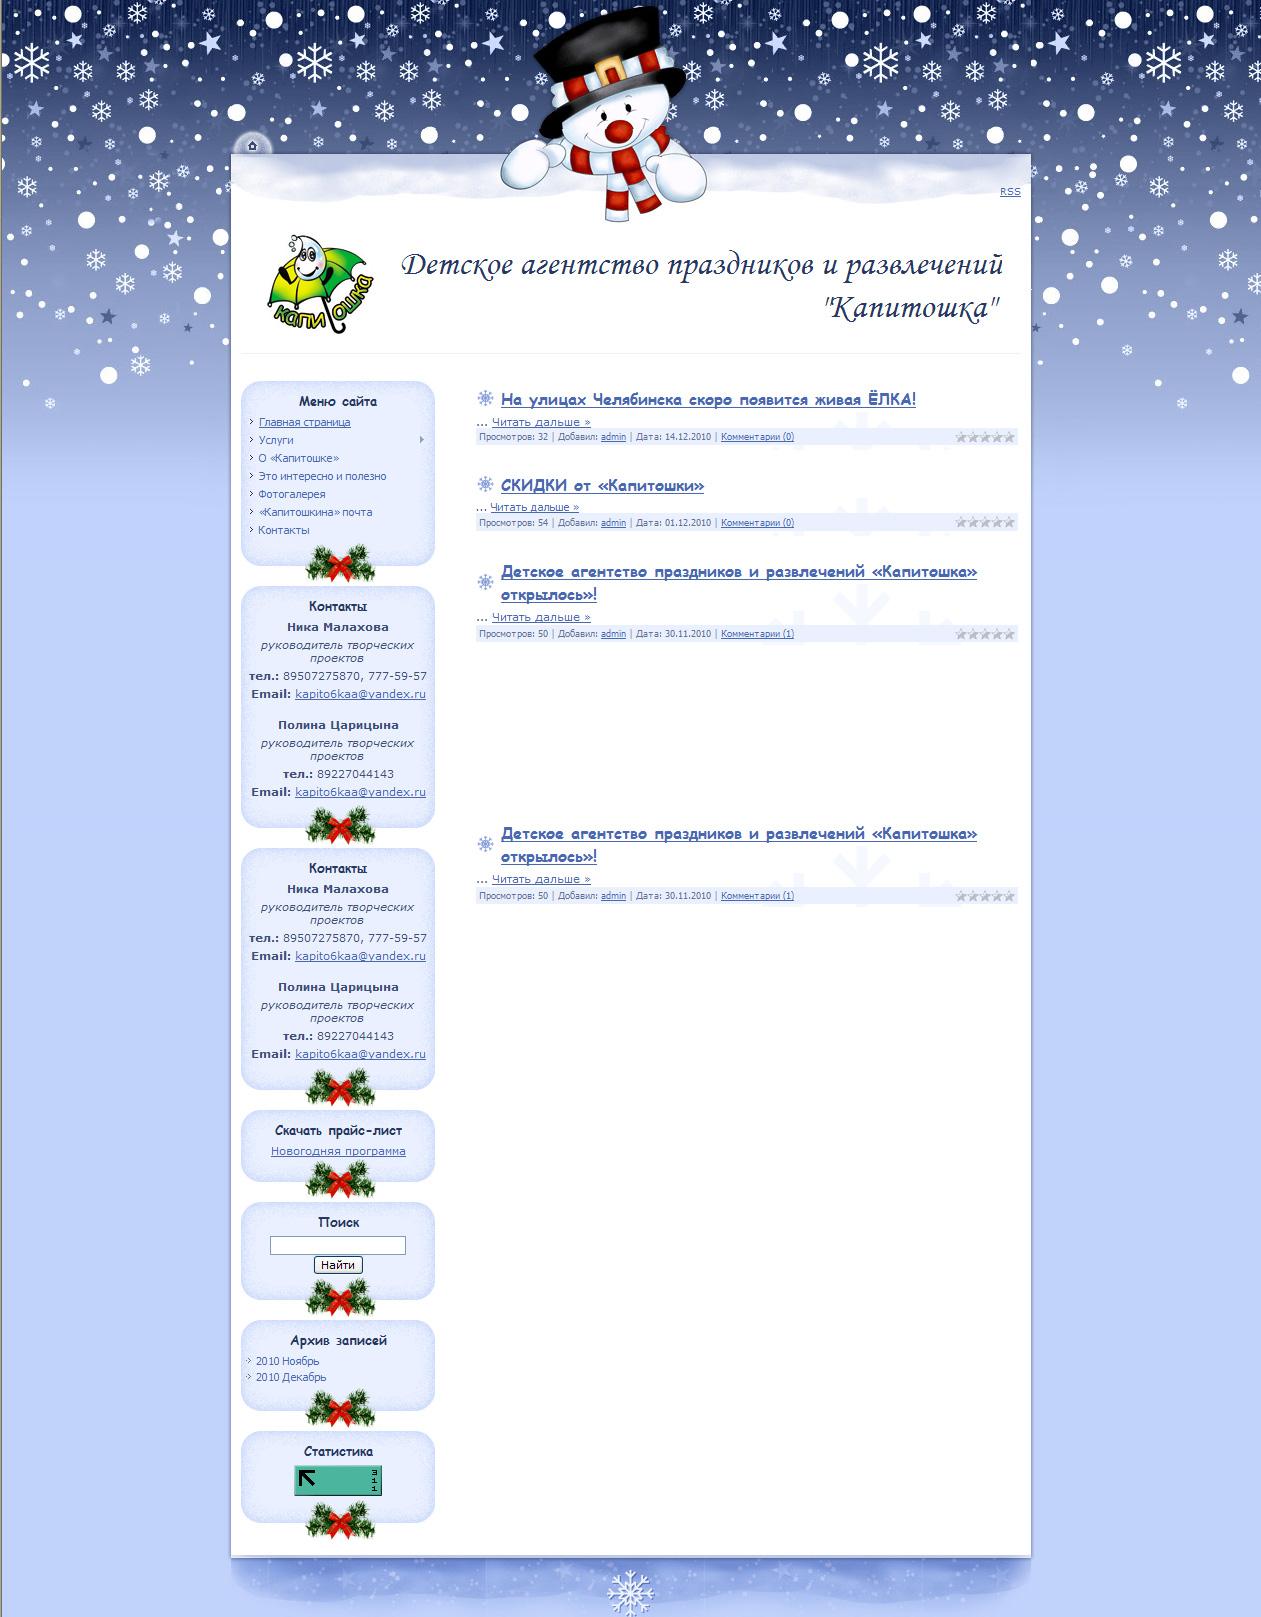 Детское агентство праздников